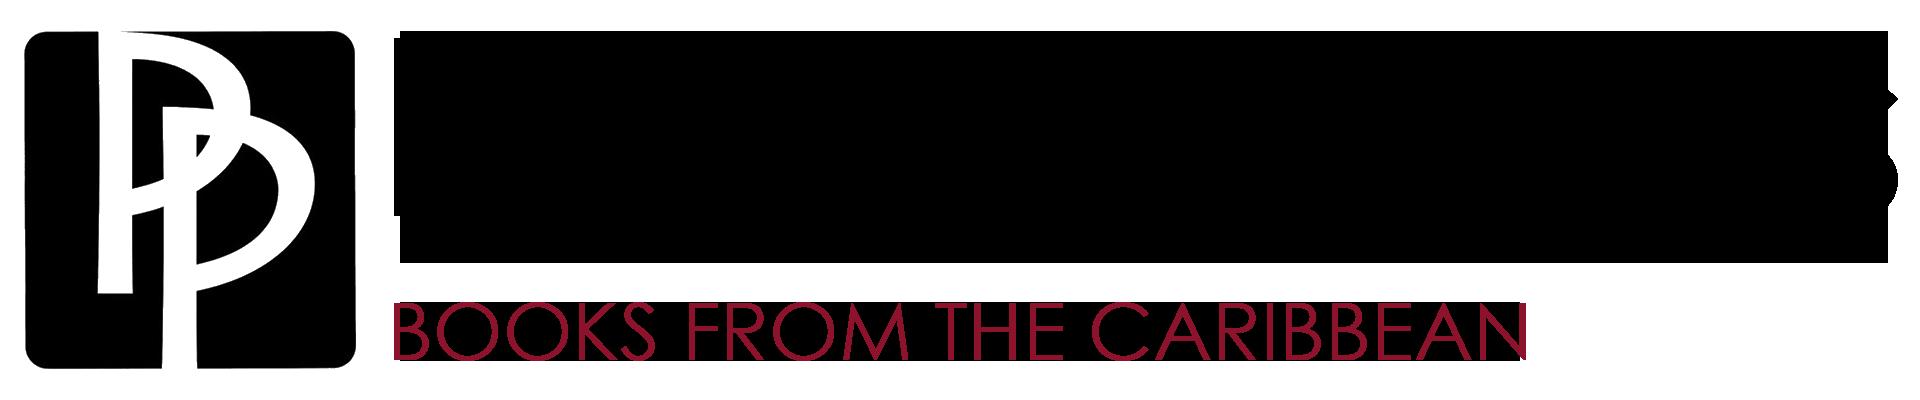 Papillote Press Header logo